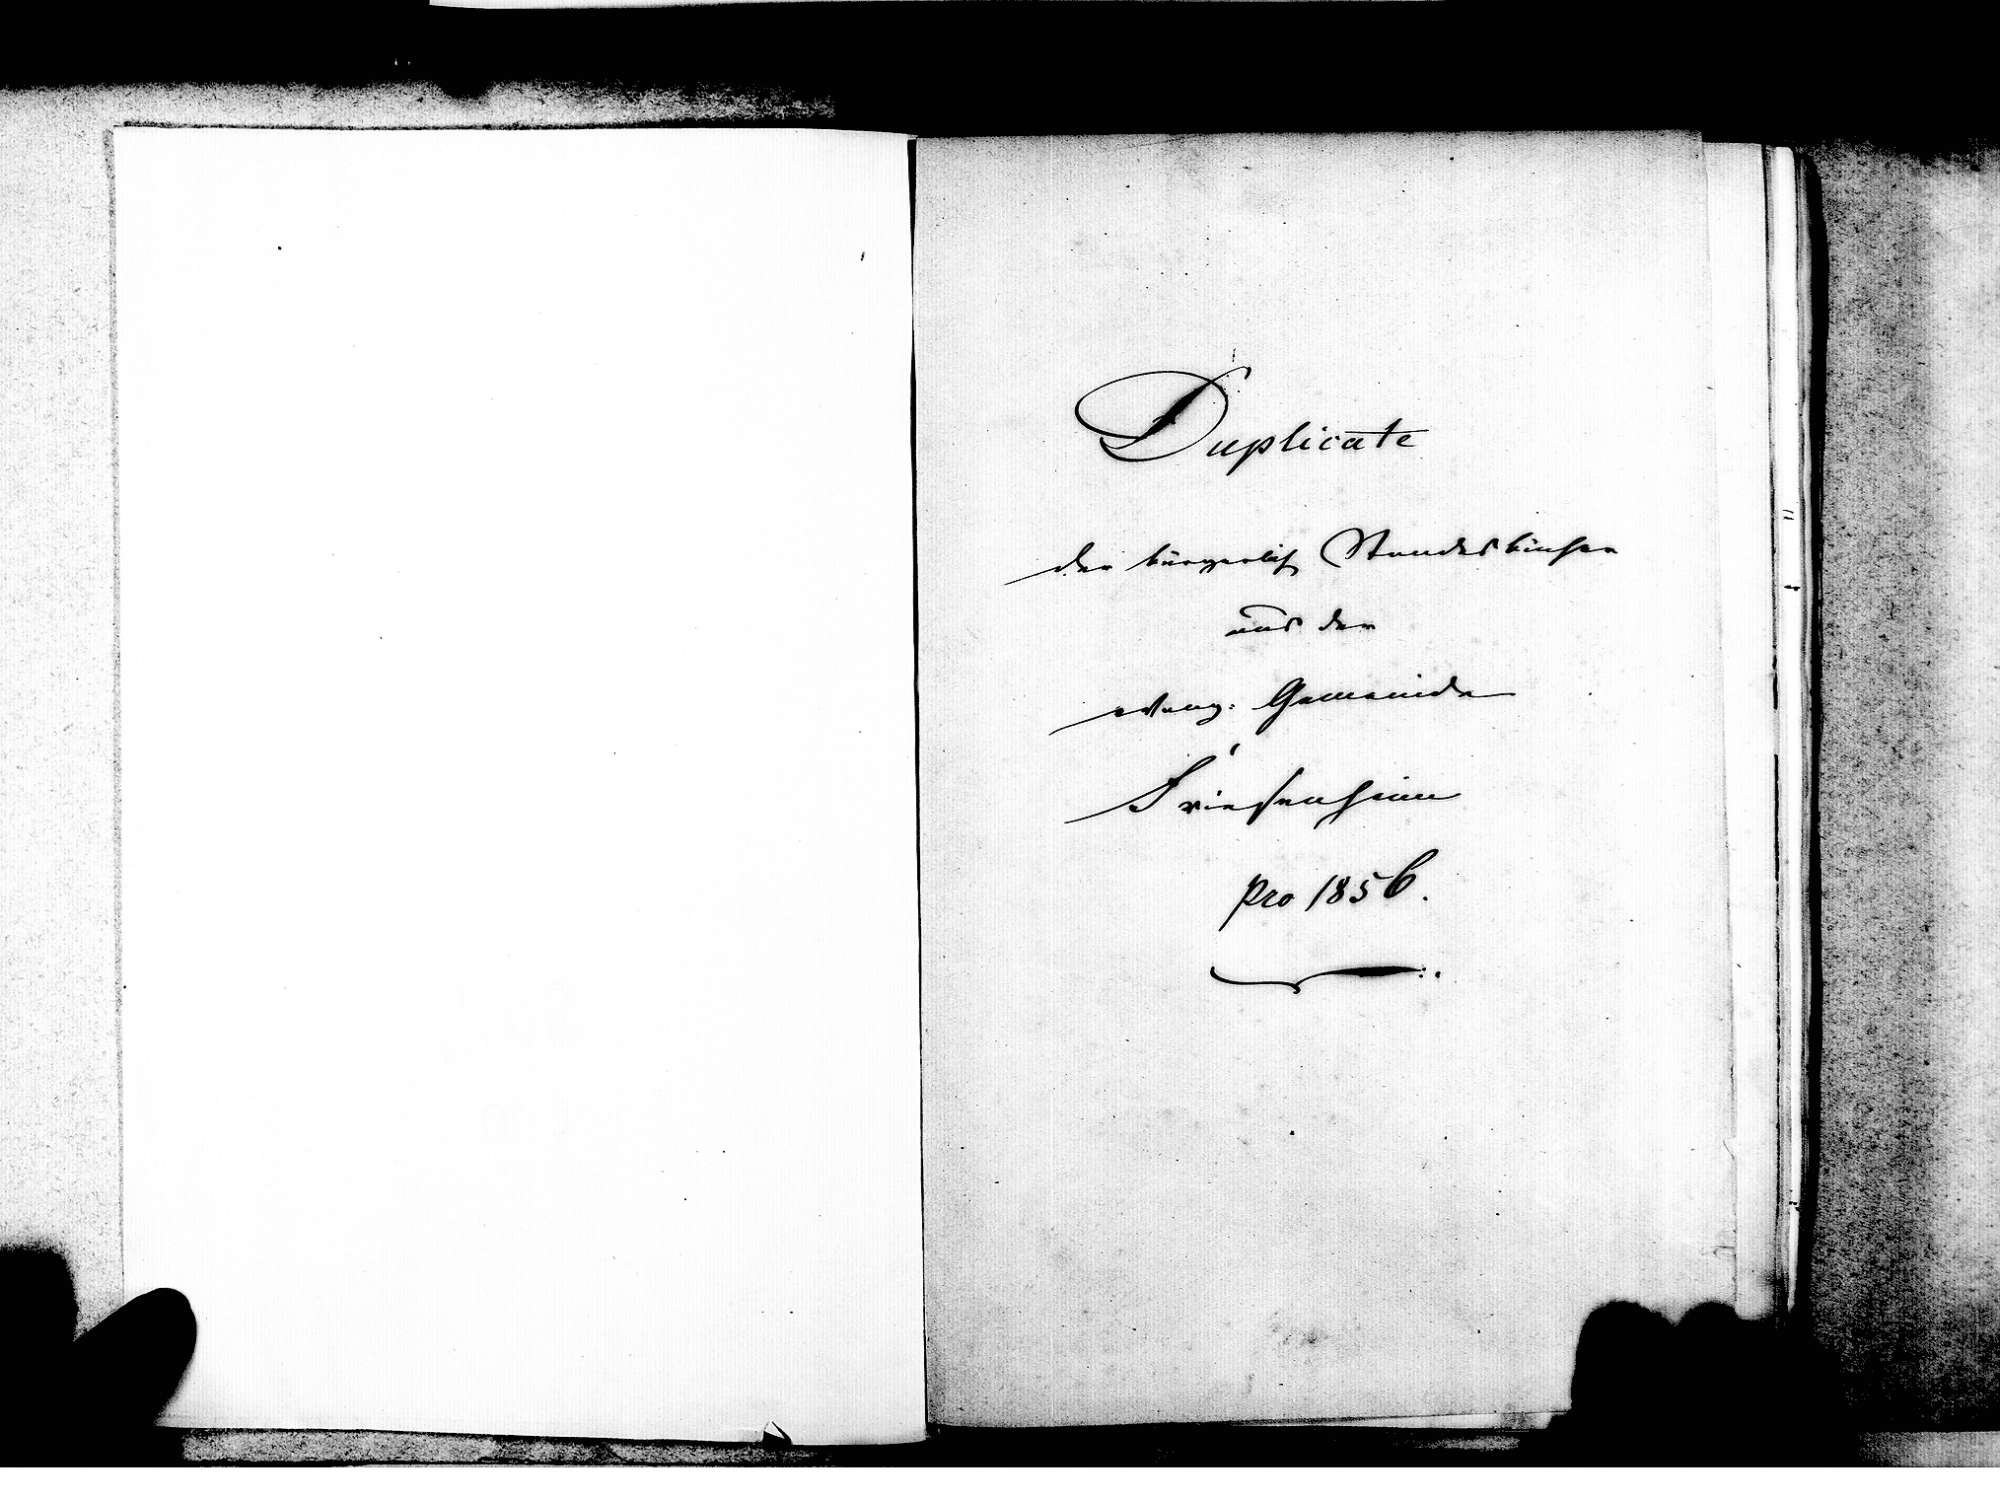 Friesenheim OG; Evangelische Gemeinde: Standesbuch 1856-1869 Friesenheim OG; Katholische Gemeinde: Standesbuch 1856-1869 Friesenheim OG; Israelitische Gemeinde: Standesbuch 1856-1869, Bild 3